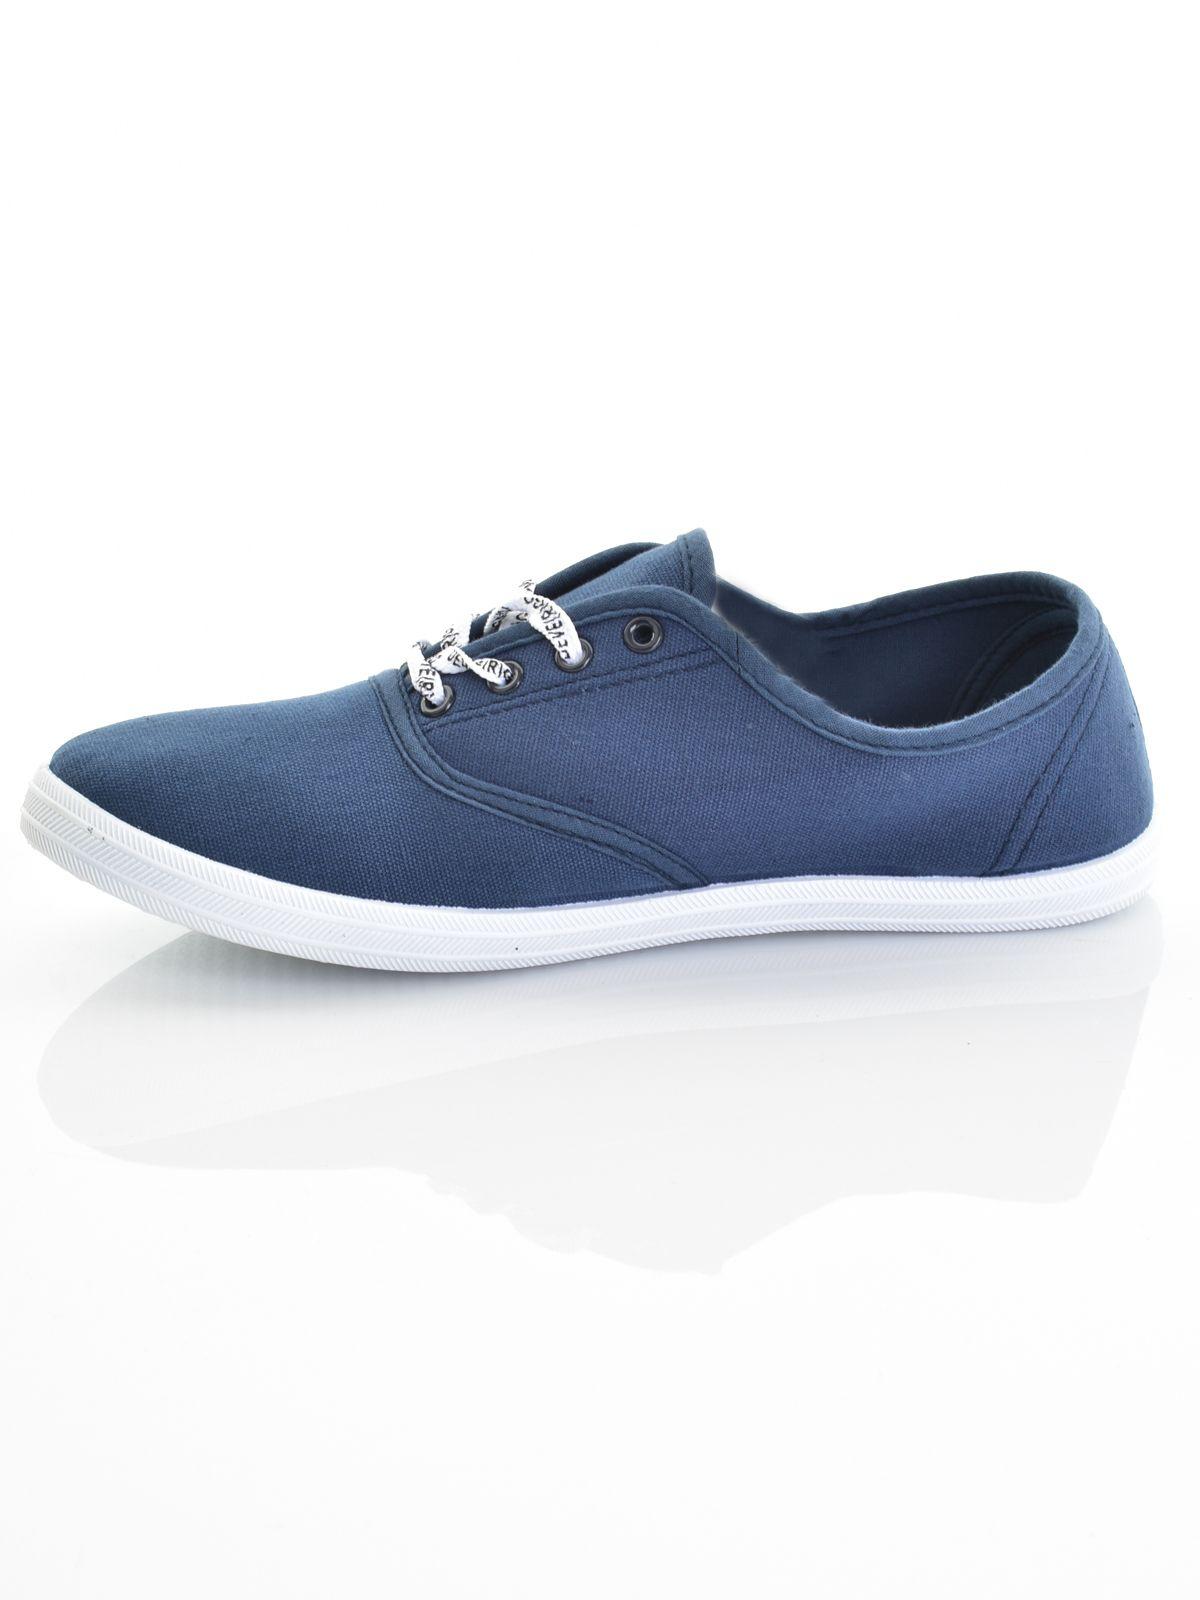 Női - Cipő - Vászoncipő Devergo  298251e7d5